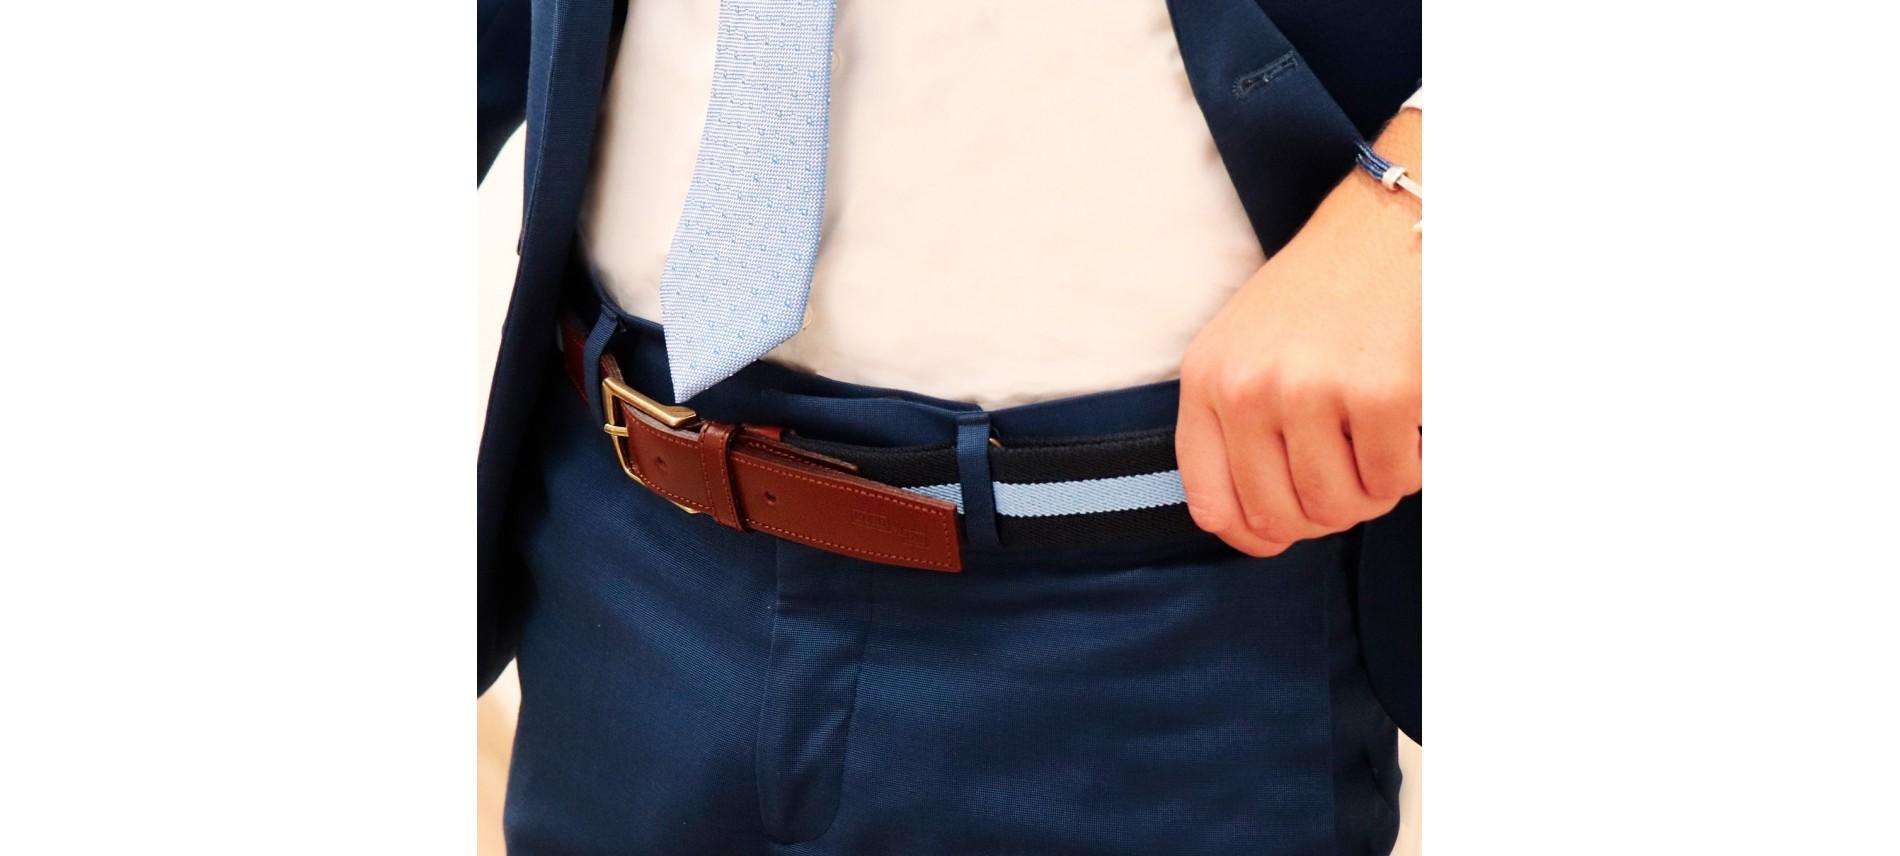 Comprar Cinturones hombre, mujer y niño | Cord-On Shop